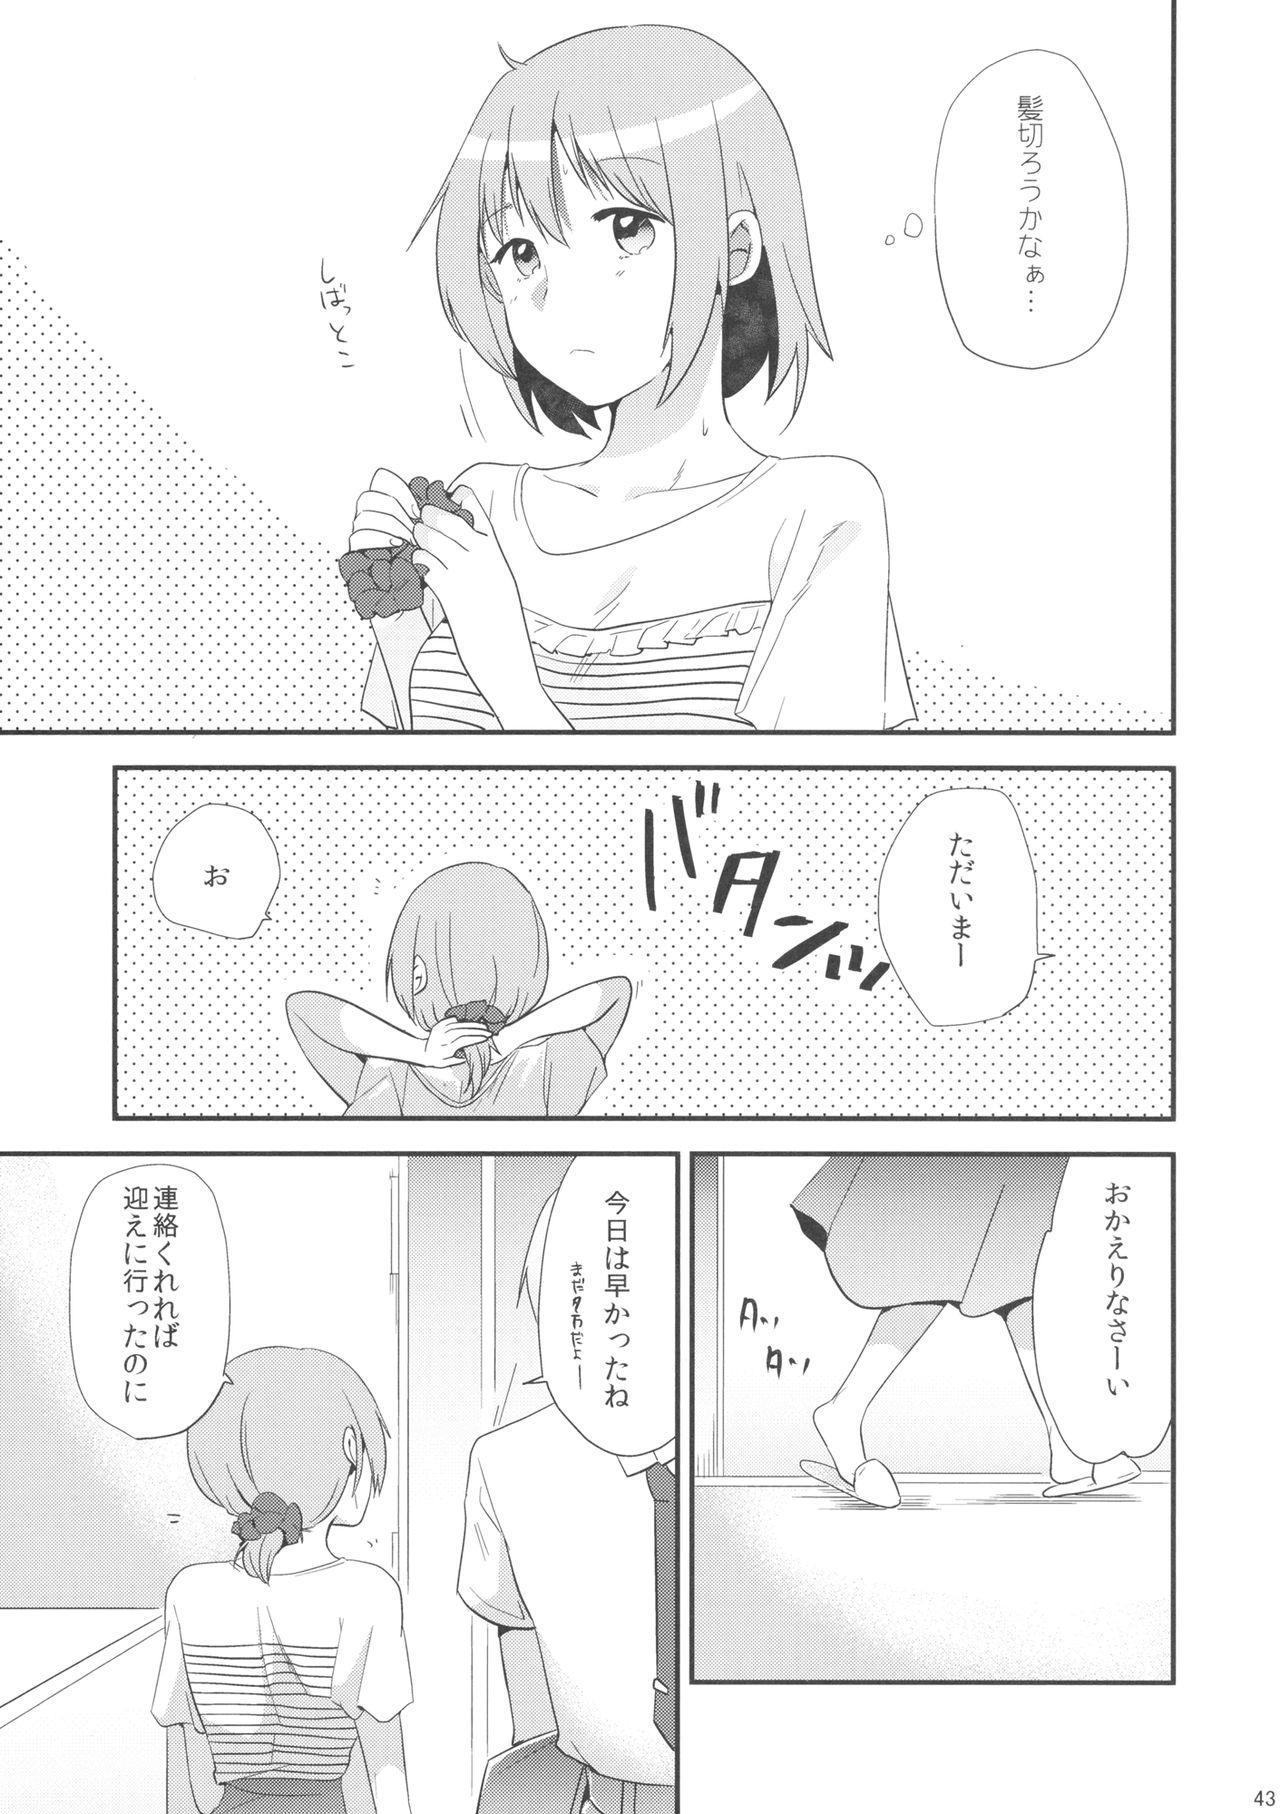 if Kanzenban 41